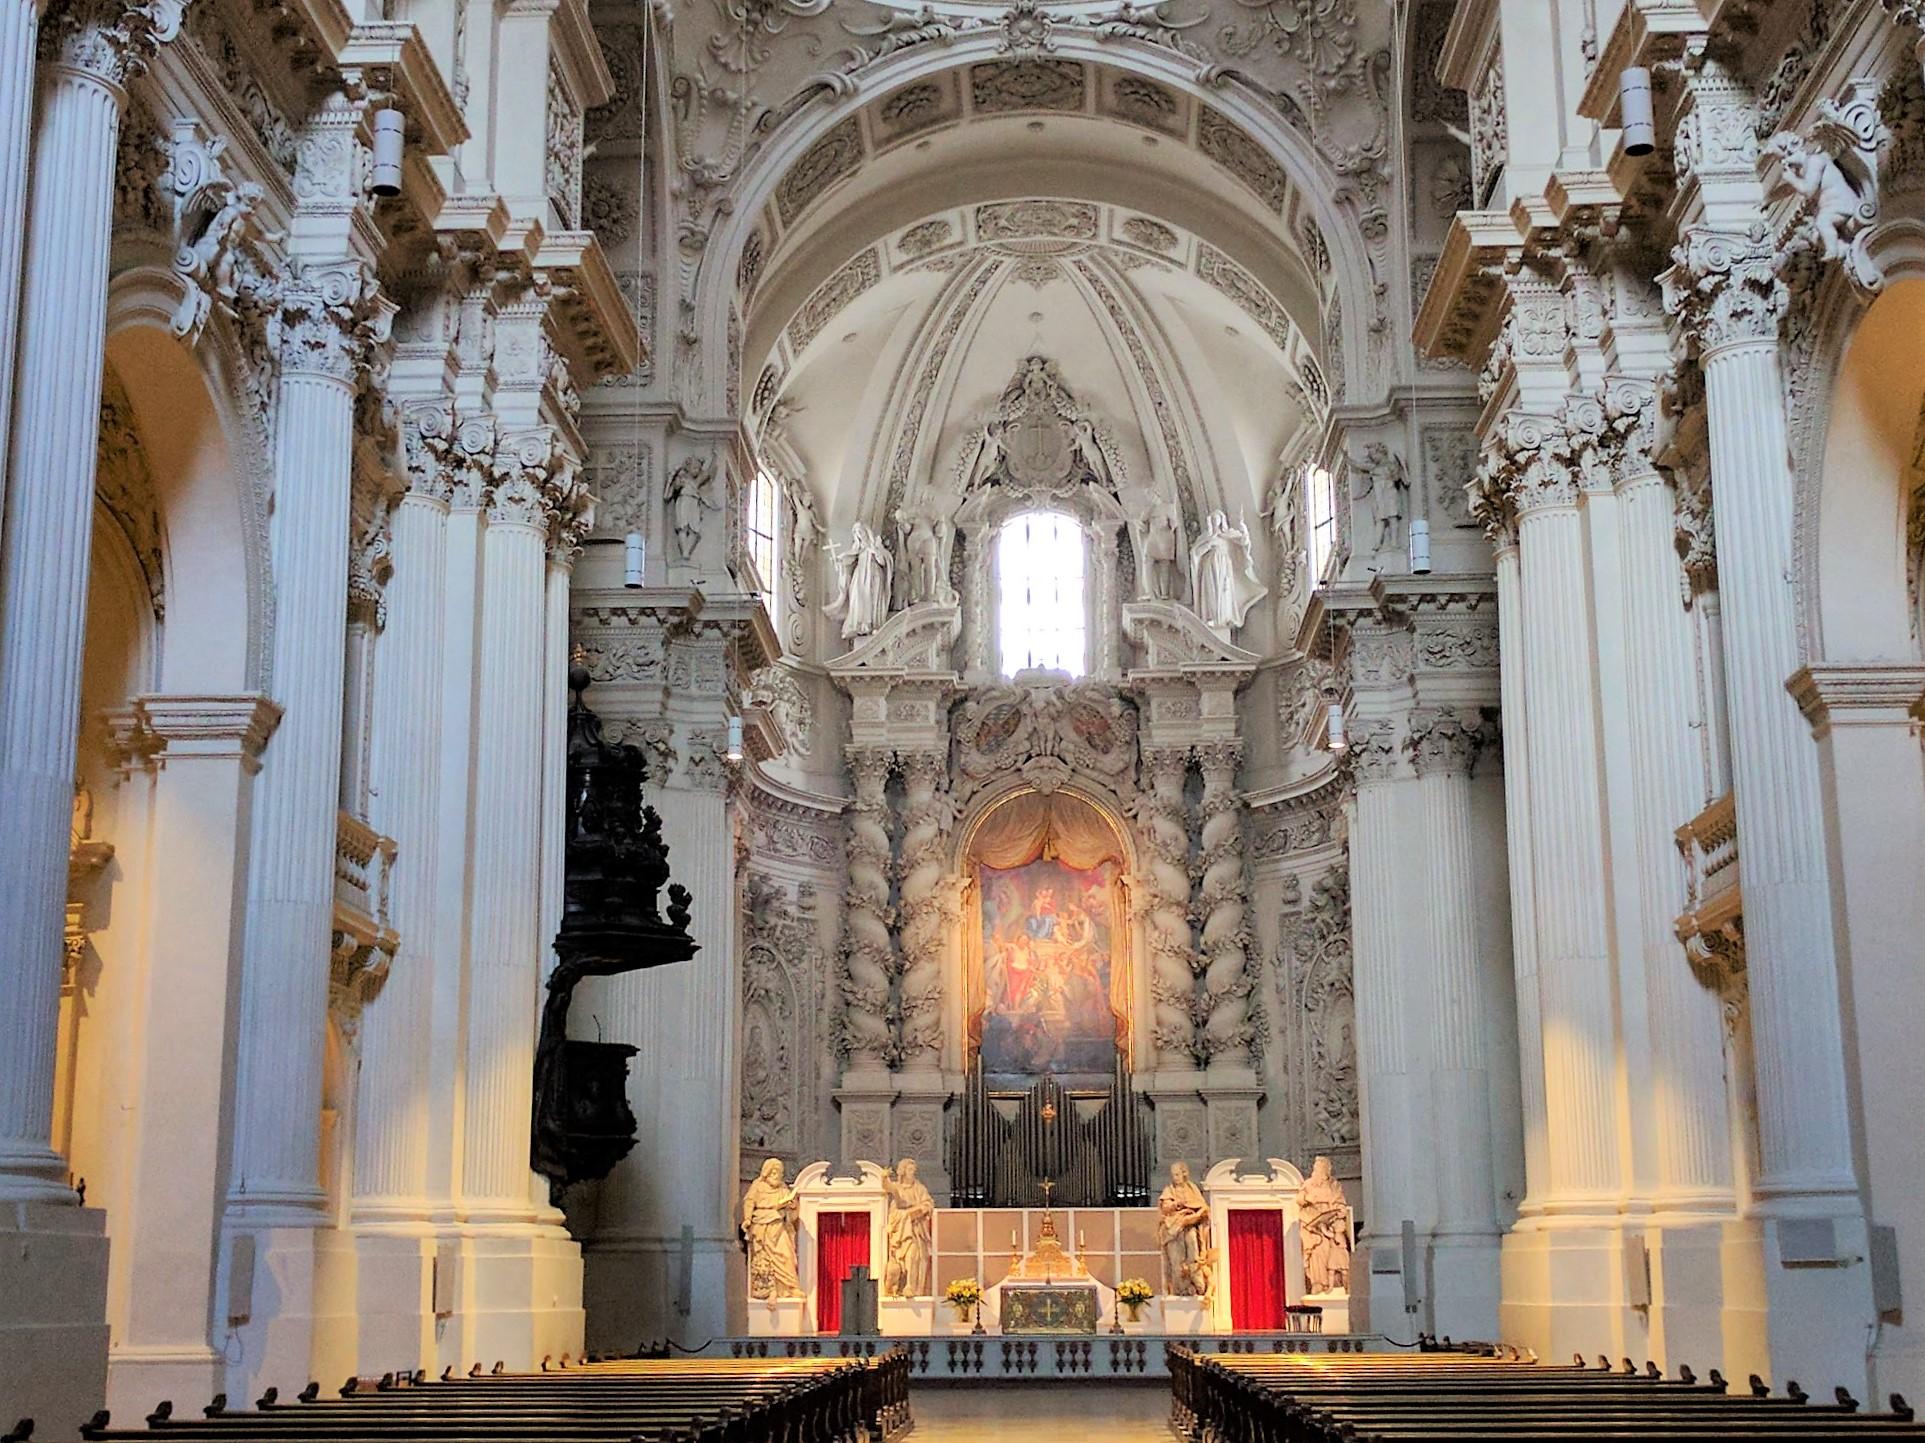 Munich theatine church